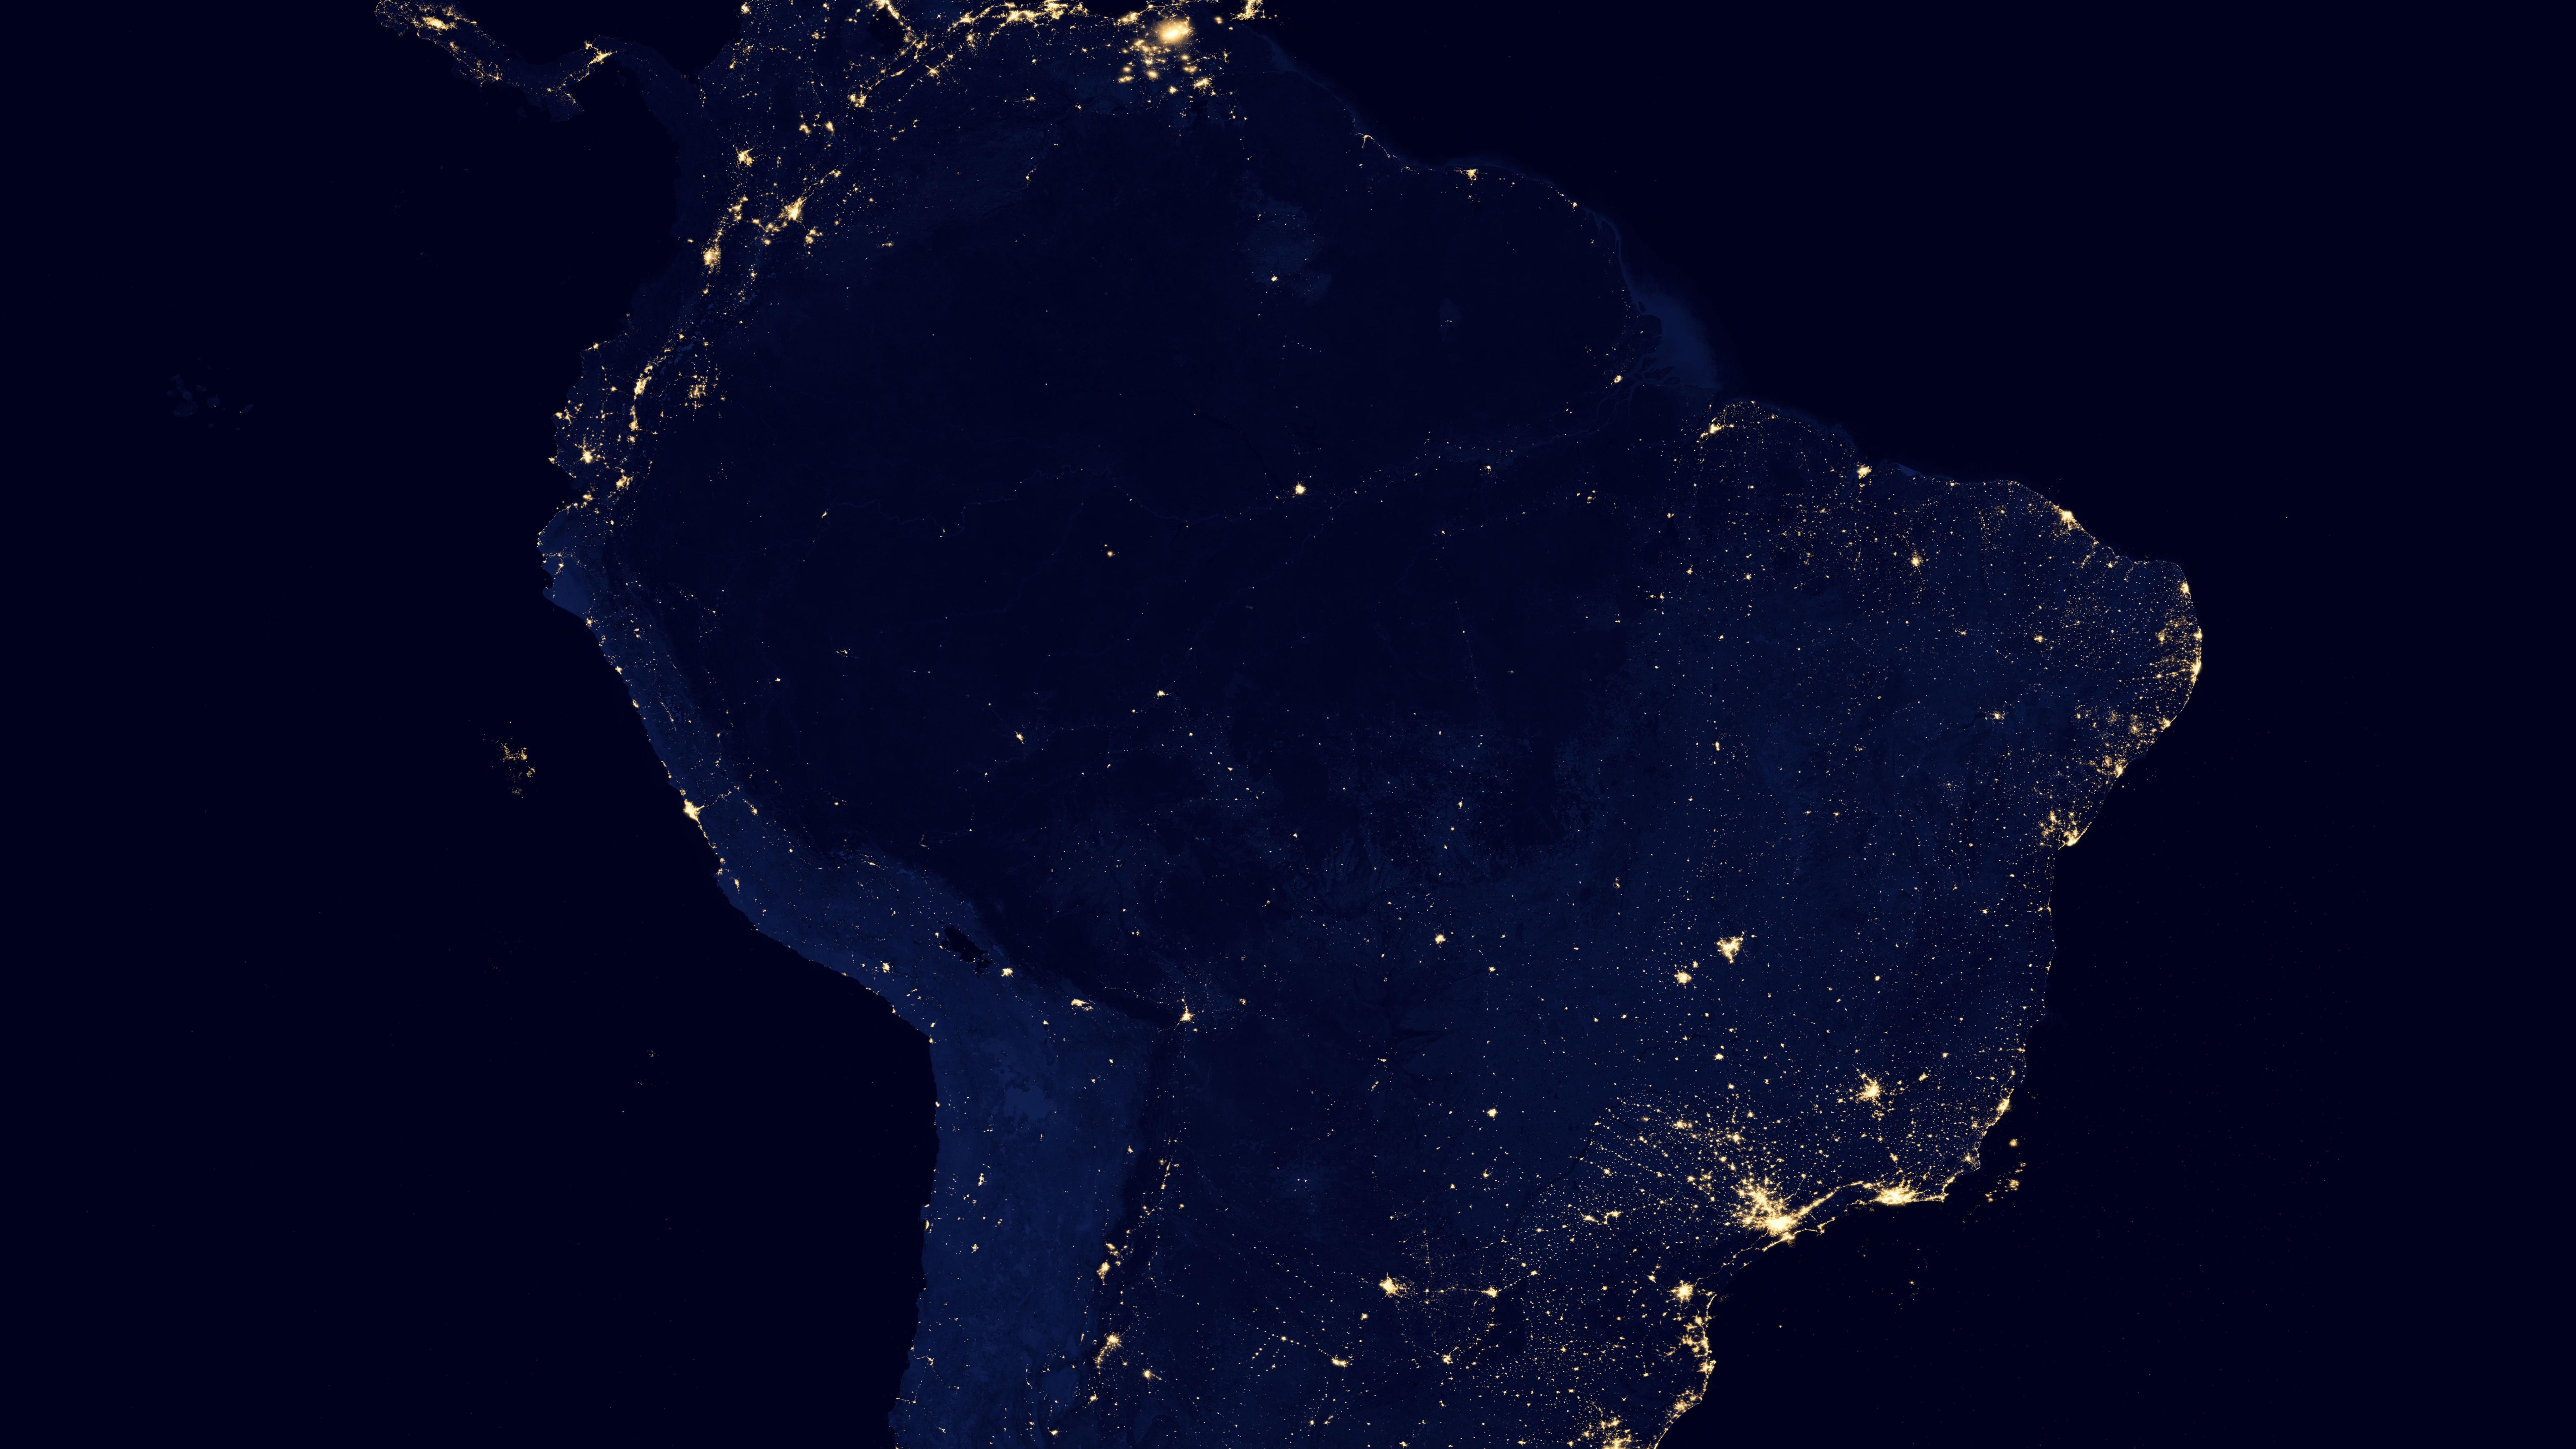 Night Lights of South America v2012 wallpaper